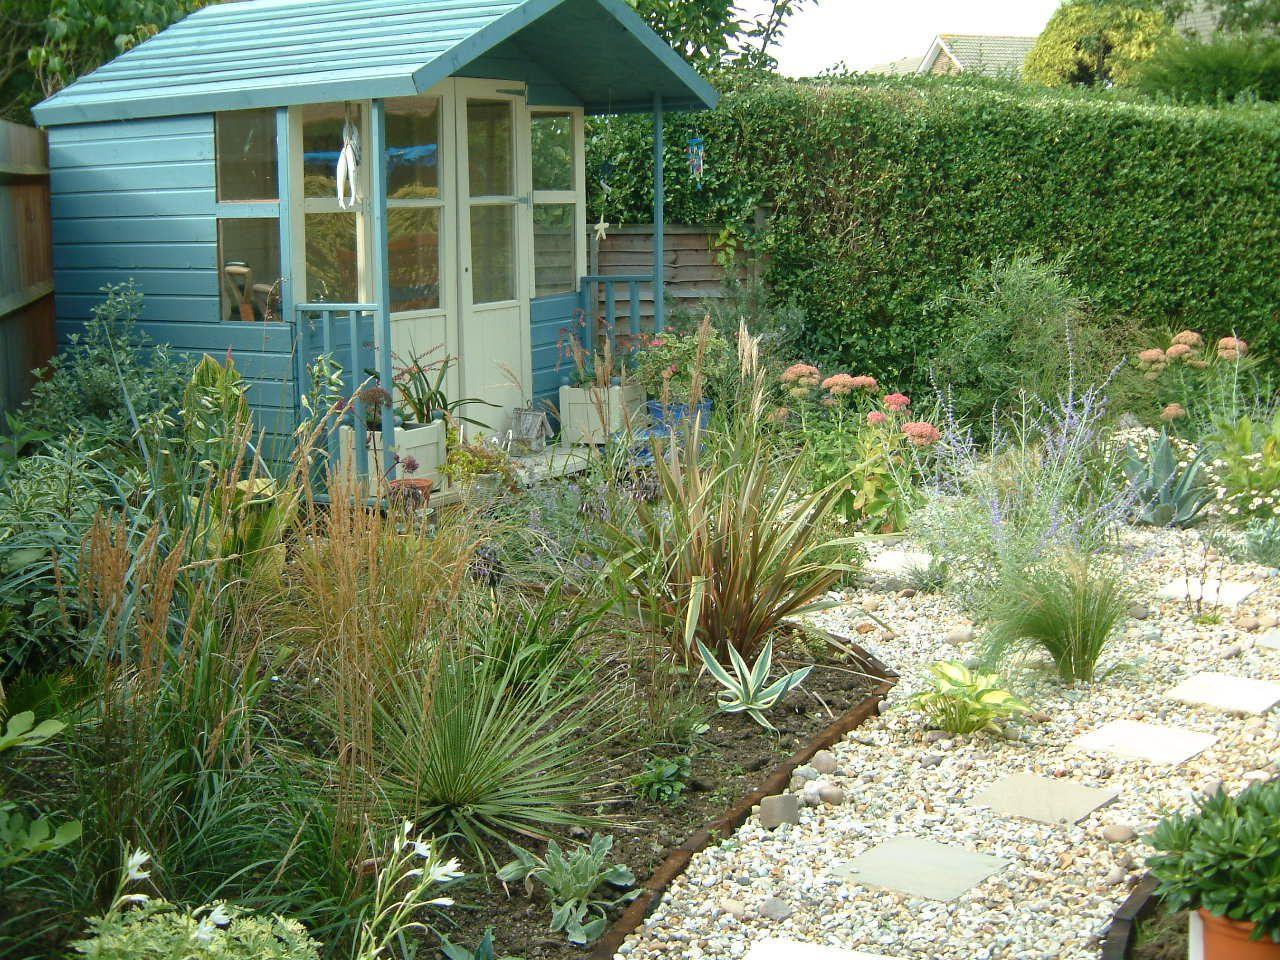 Kuivan ja aurinkoisen paikan merenrantahenkinen puutarha for Beach garden designs uk